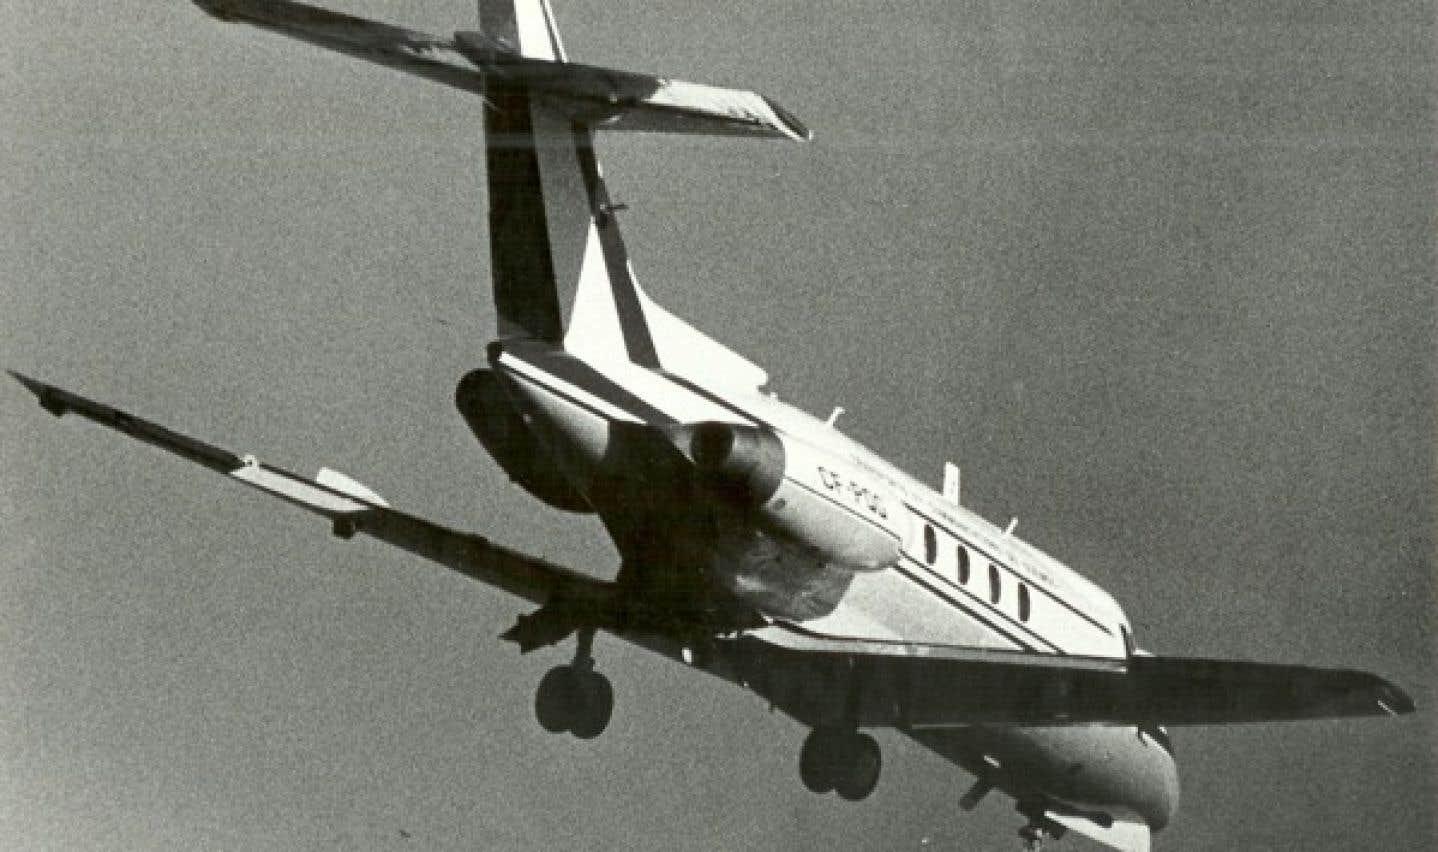 Le «jet à Lesage» effectue son dernier vol gouvernemental en février 1990. L'appareil est ensuite vendu à une compagnie américaine, puis démonté en mai 1995.